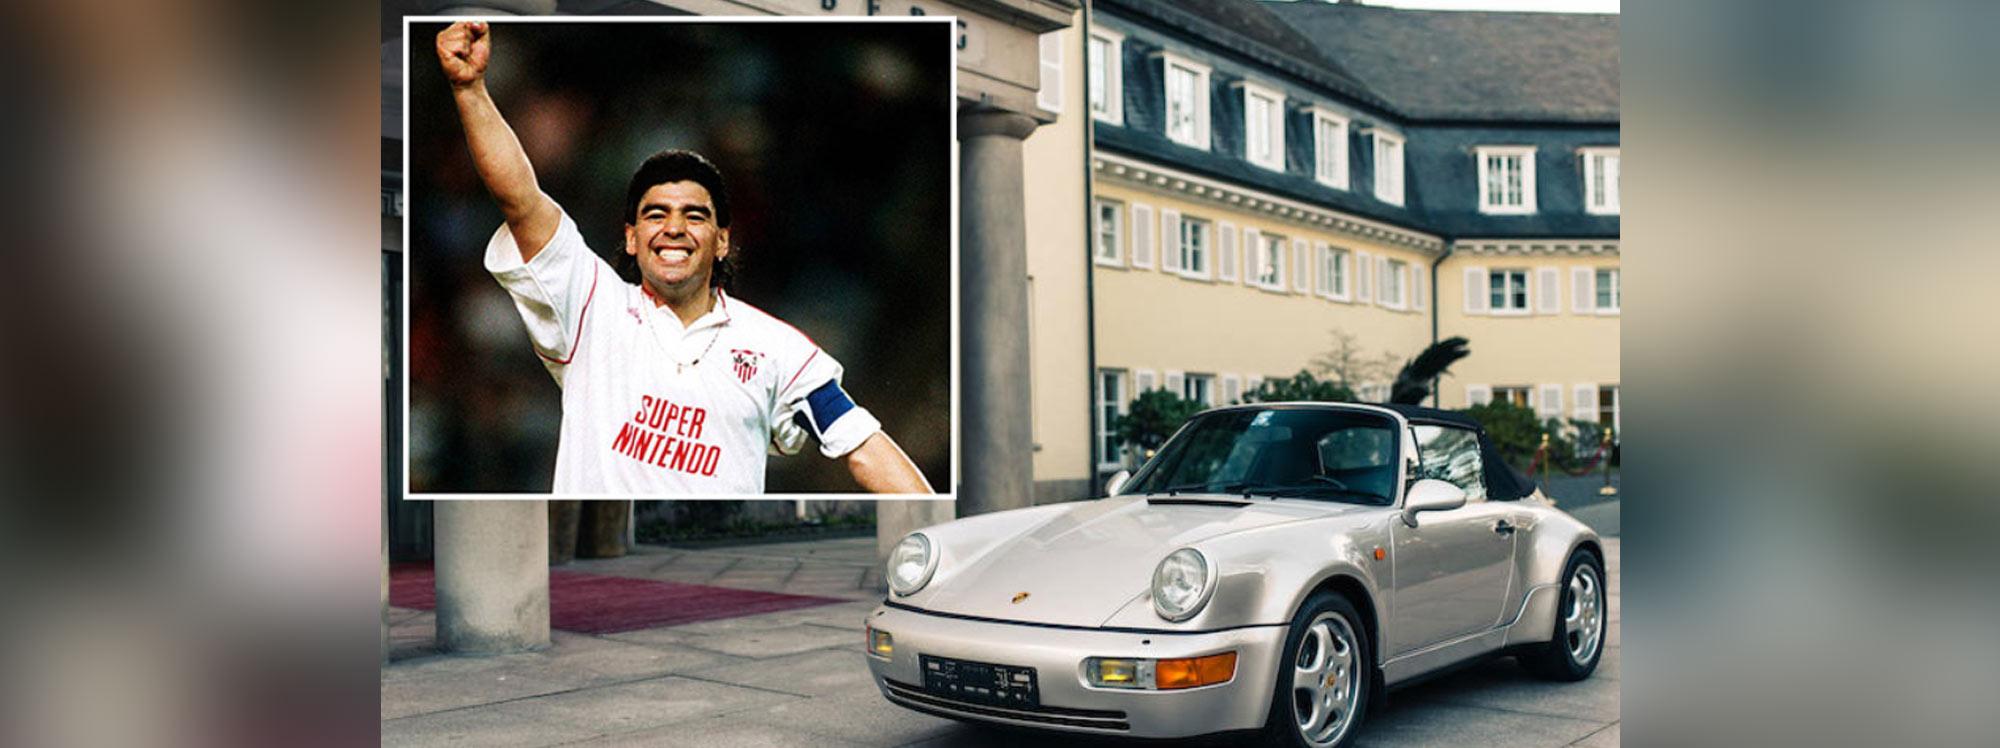 El Porsche de Maradona fue subastado por el doble de lo esperado